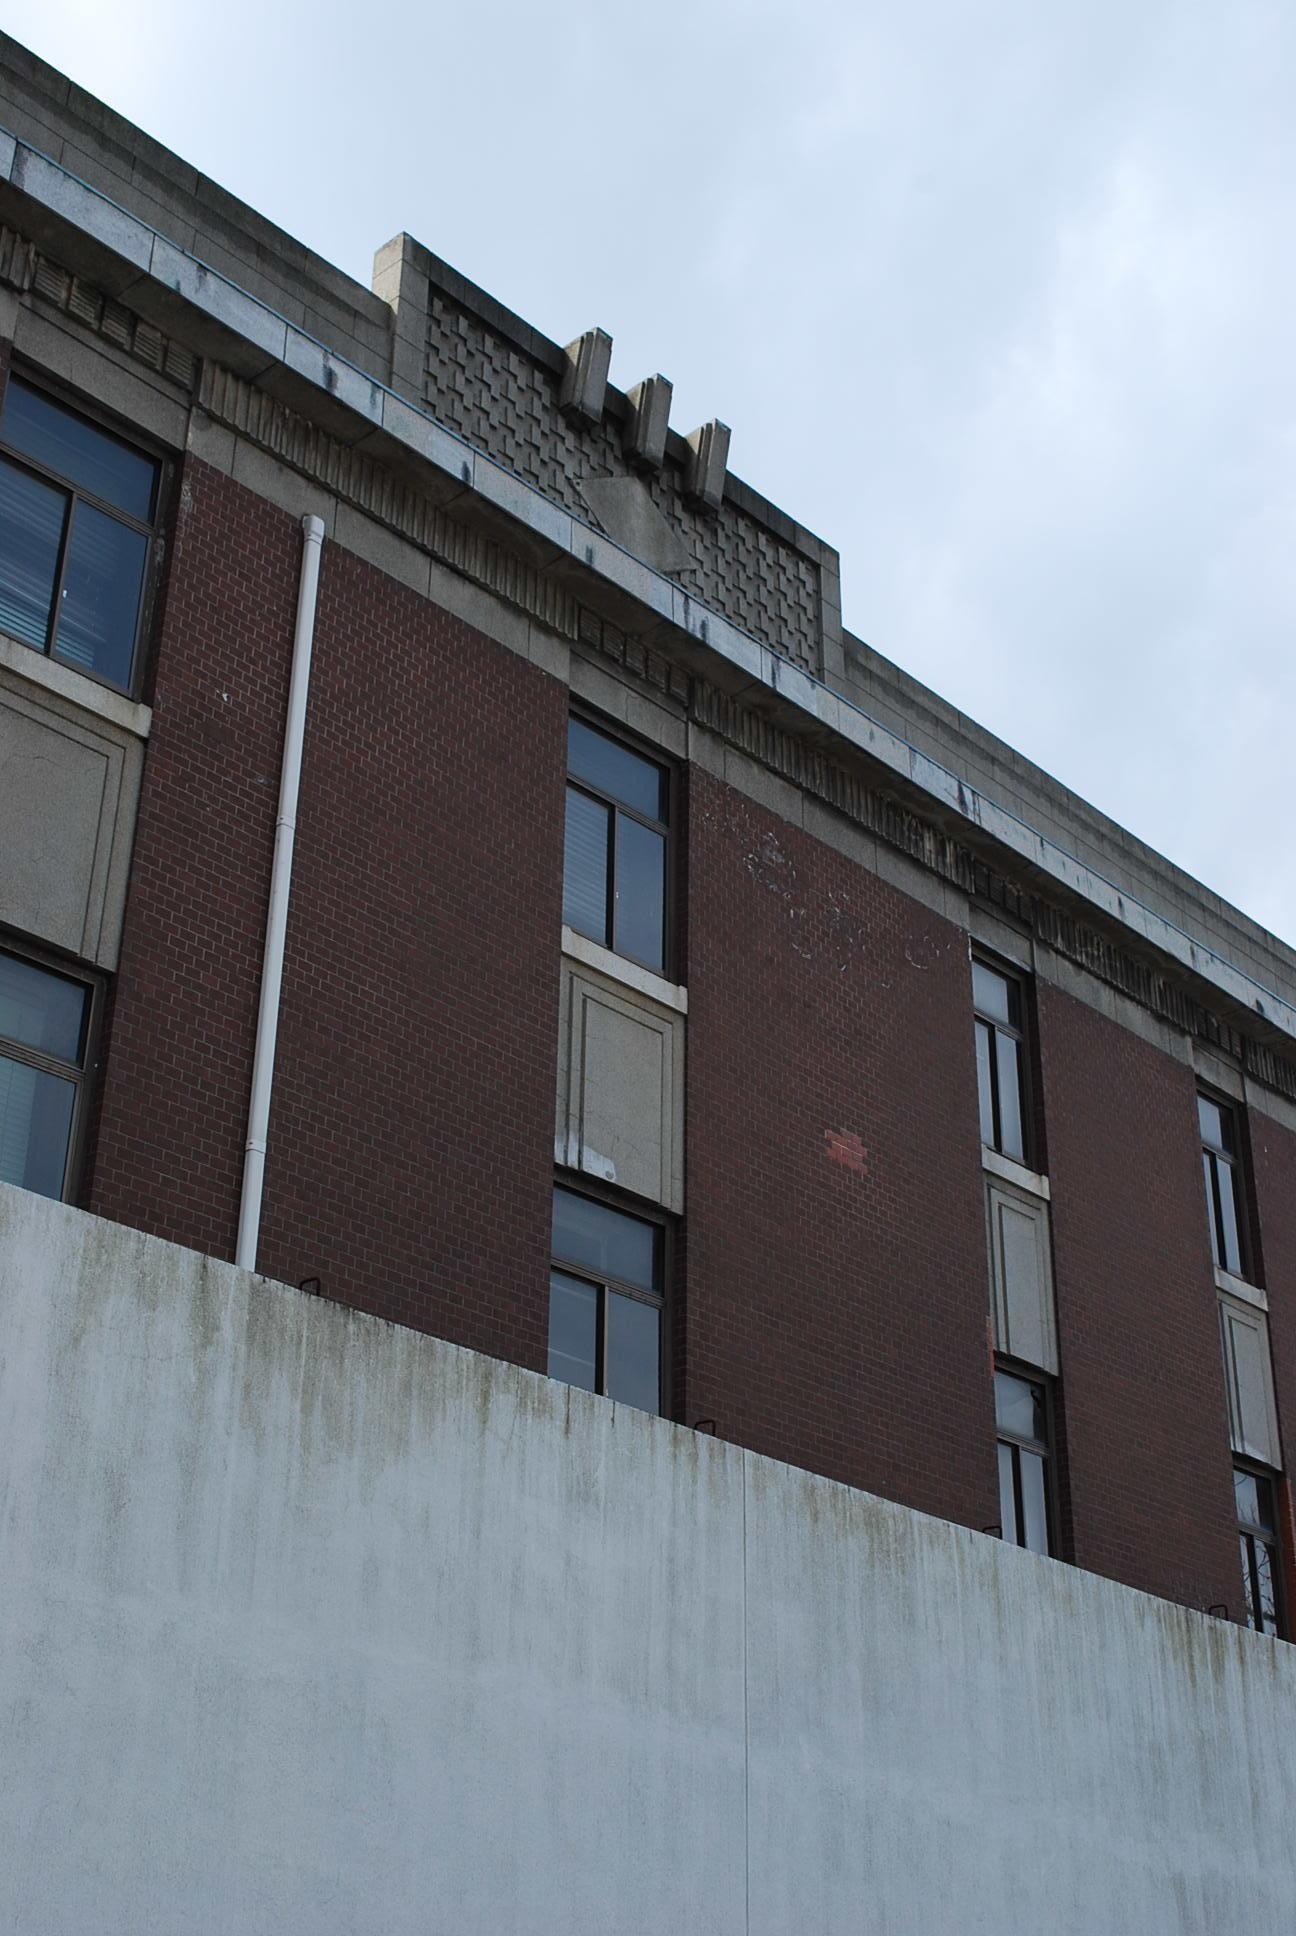 函館市豊川町の旧十二銀行函館支店(函館の建築再見)_f0142606_10140398.jpg